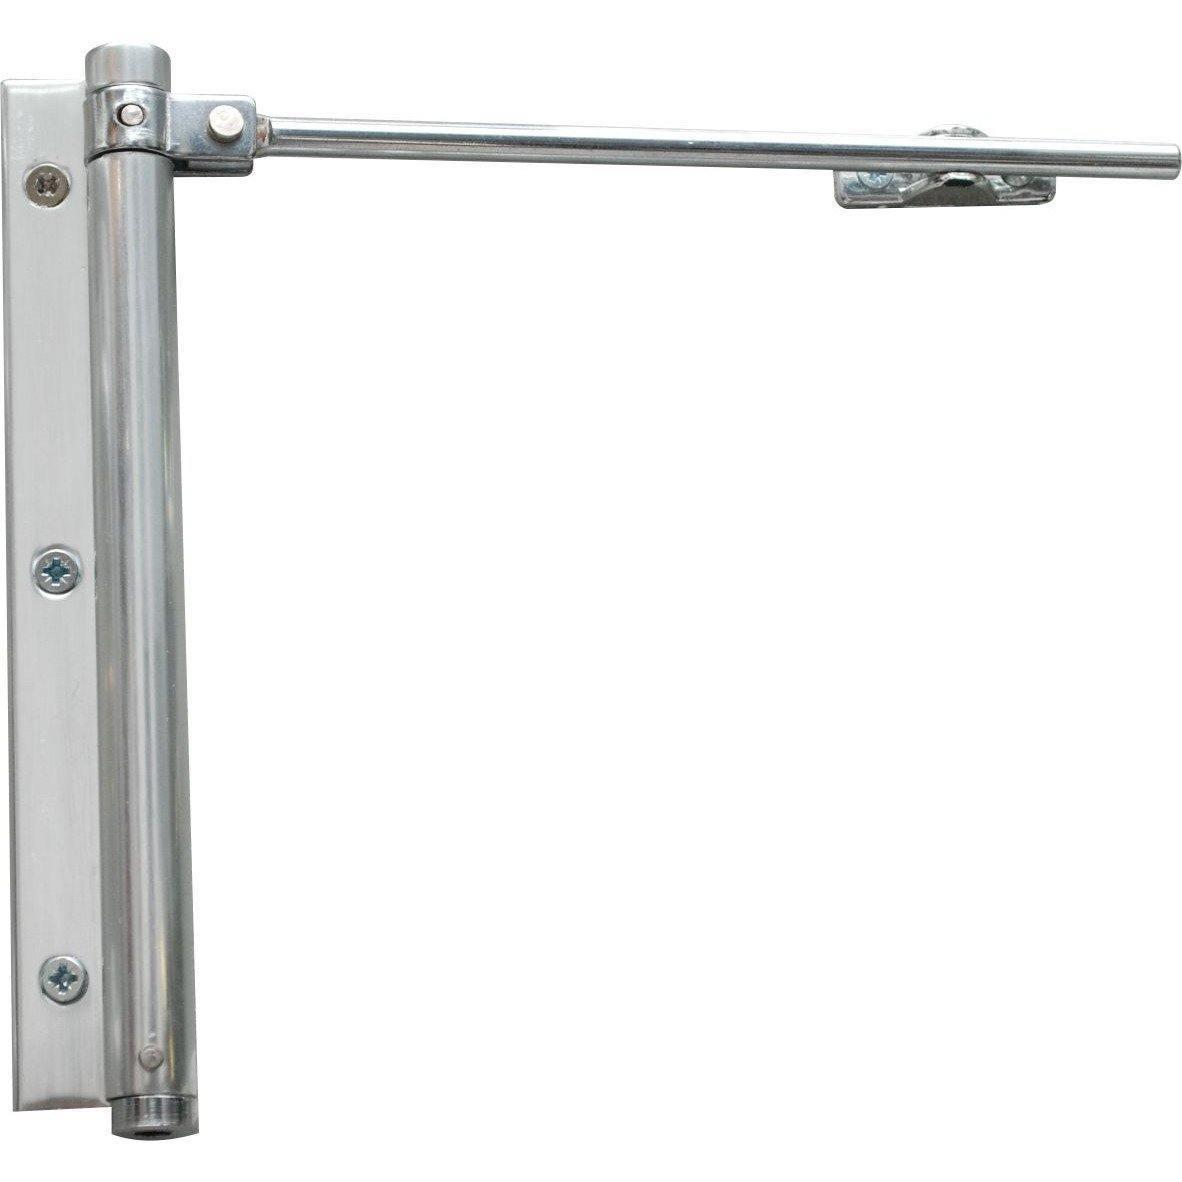 Spring arm door closer - light duty